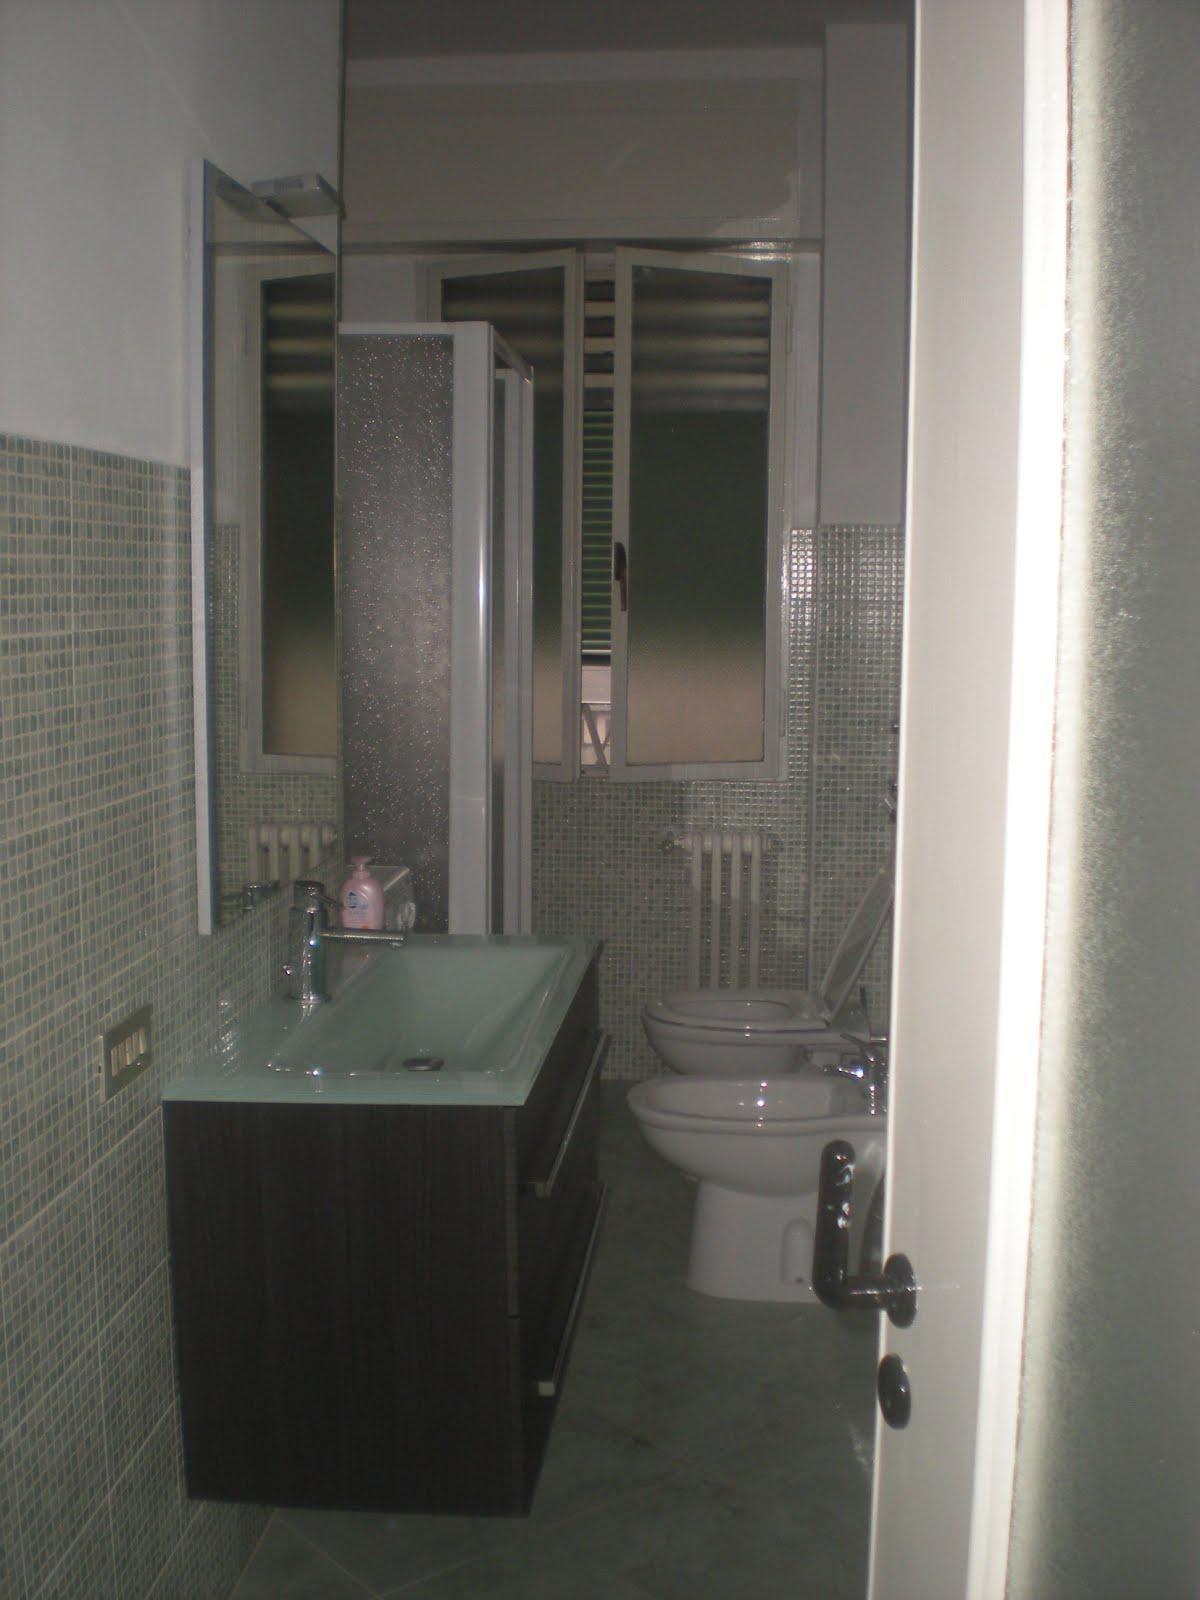 Casa milano italia affittasi bilocale in viale monza a milano - Arredo bagno viale monza milano ...